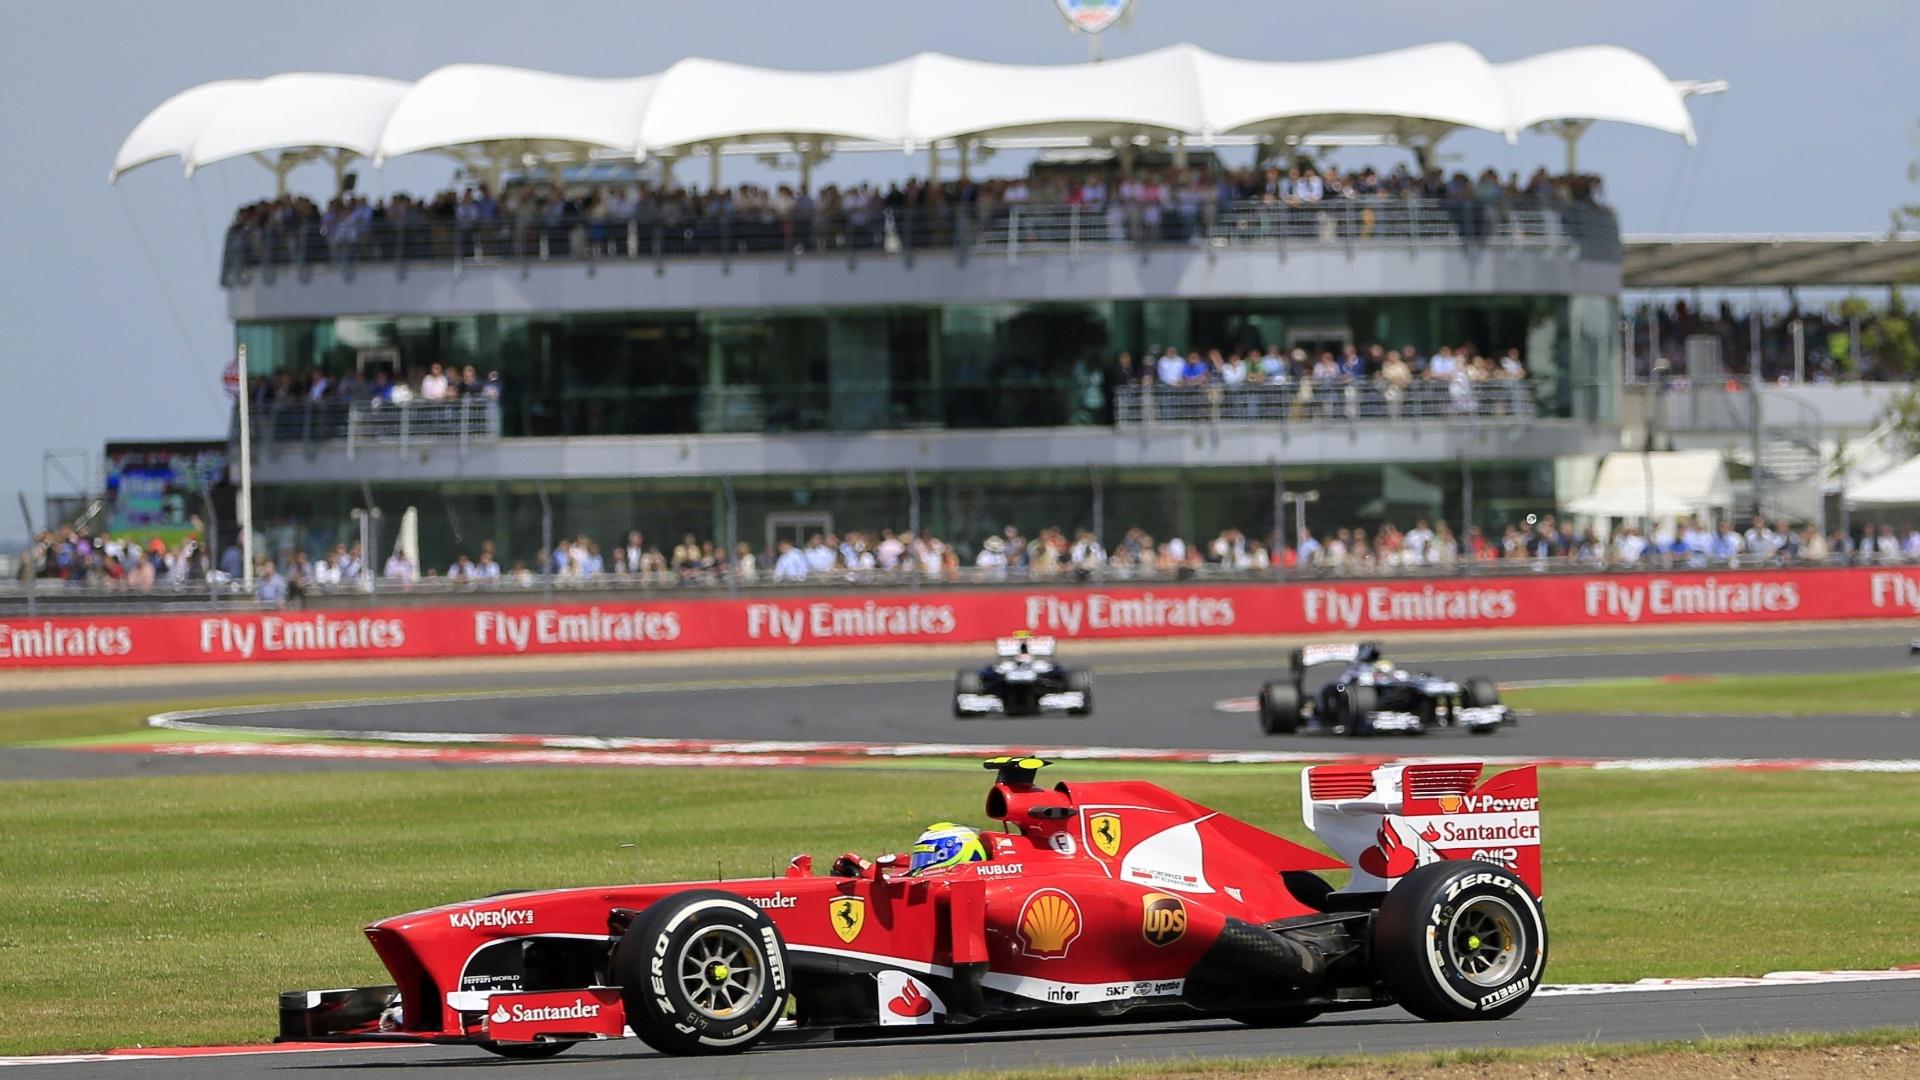 30.jun.2013 - Apesar de pneu estourado no começo da prova, Felipe Massa terminou o GP da Inglaterra na sexta posição